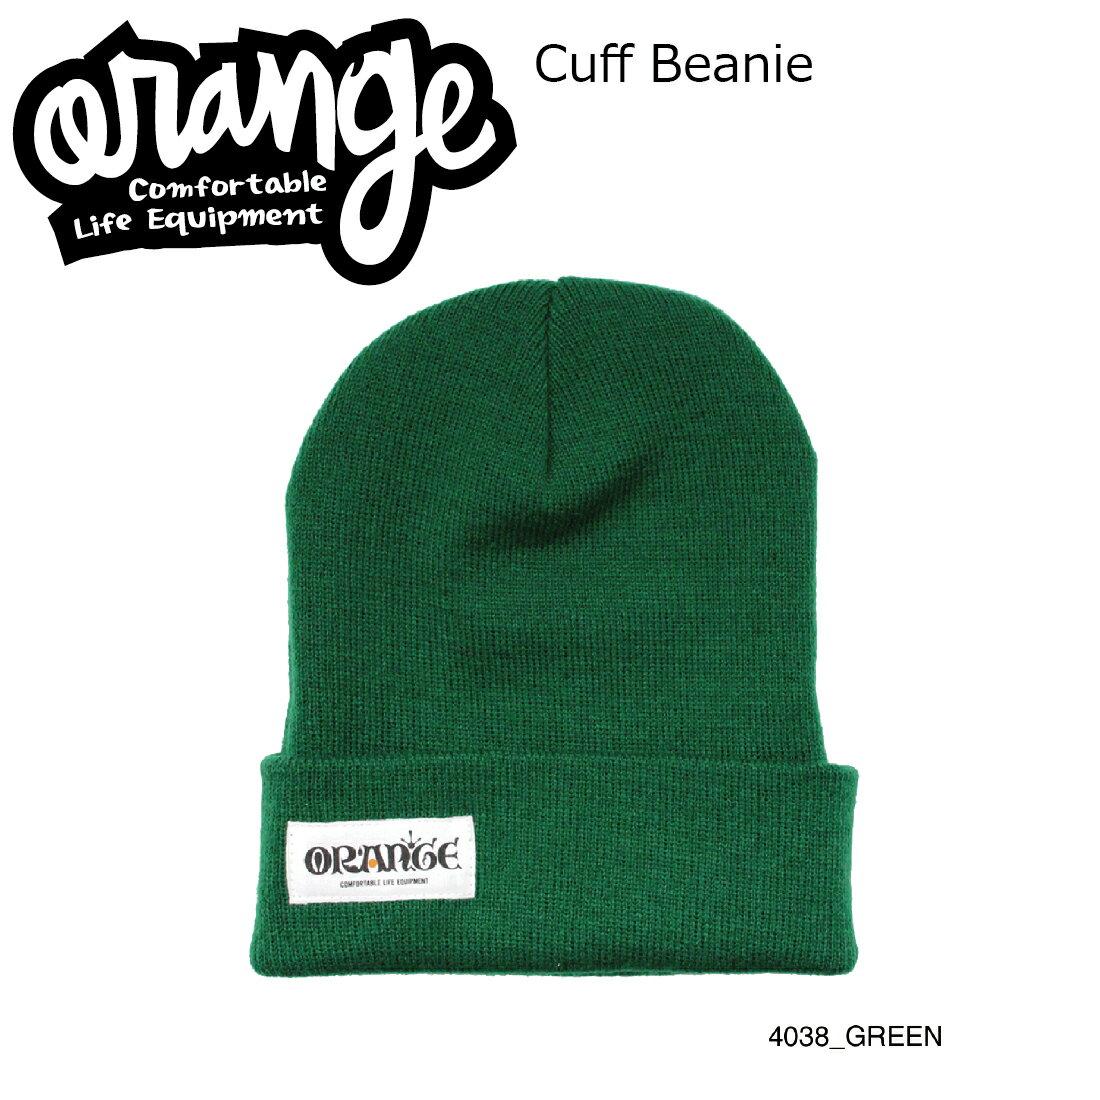 Oran'ge Cuff Beanie 4038 GREEN オレンジ リブ ビーニー ニットキャップ 2つ折り